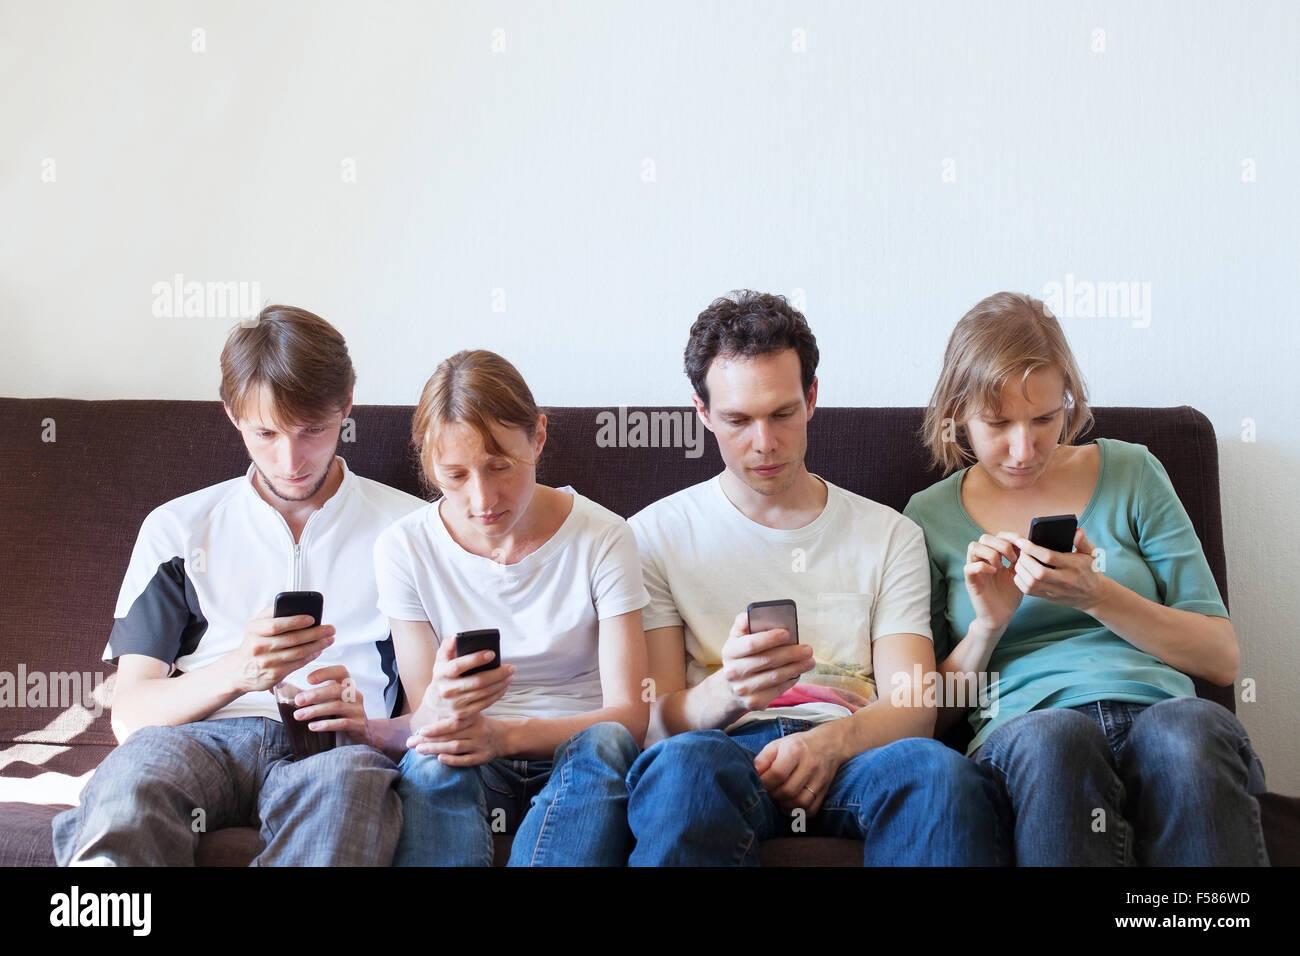 La dépendance à internet, groupe de jeunes à la recherche de leurs téléphones intelligents Banque D'Images